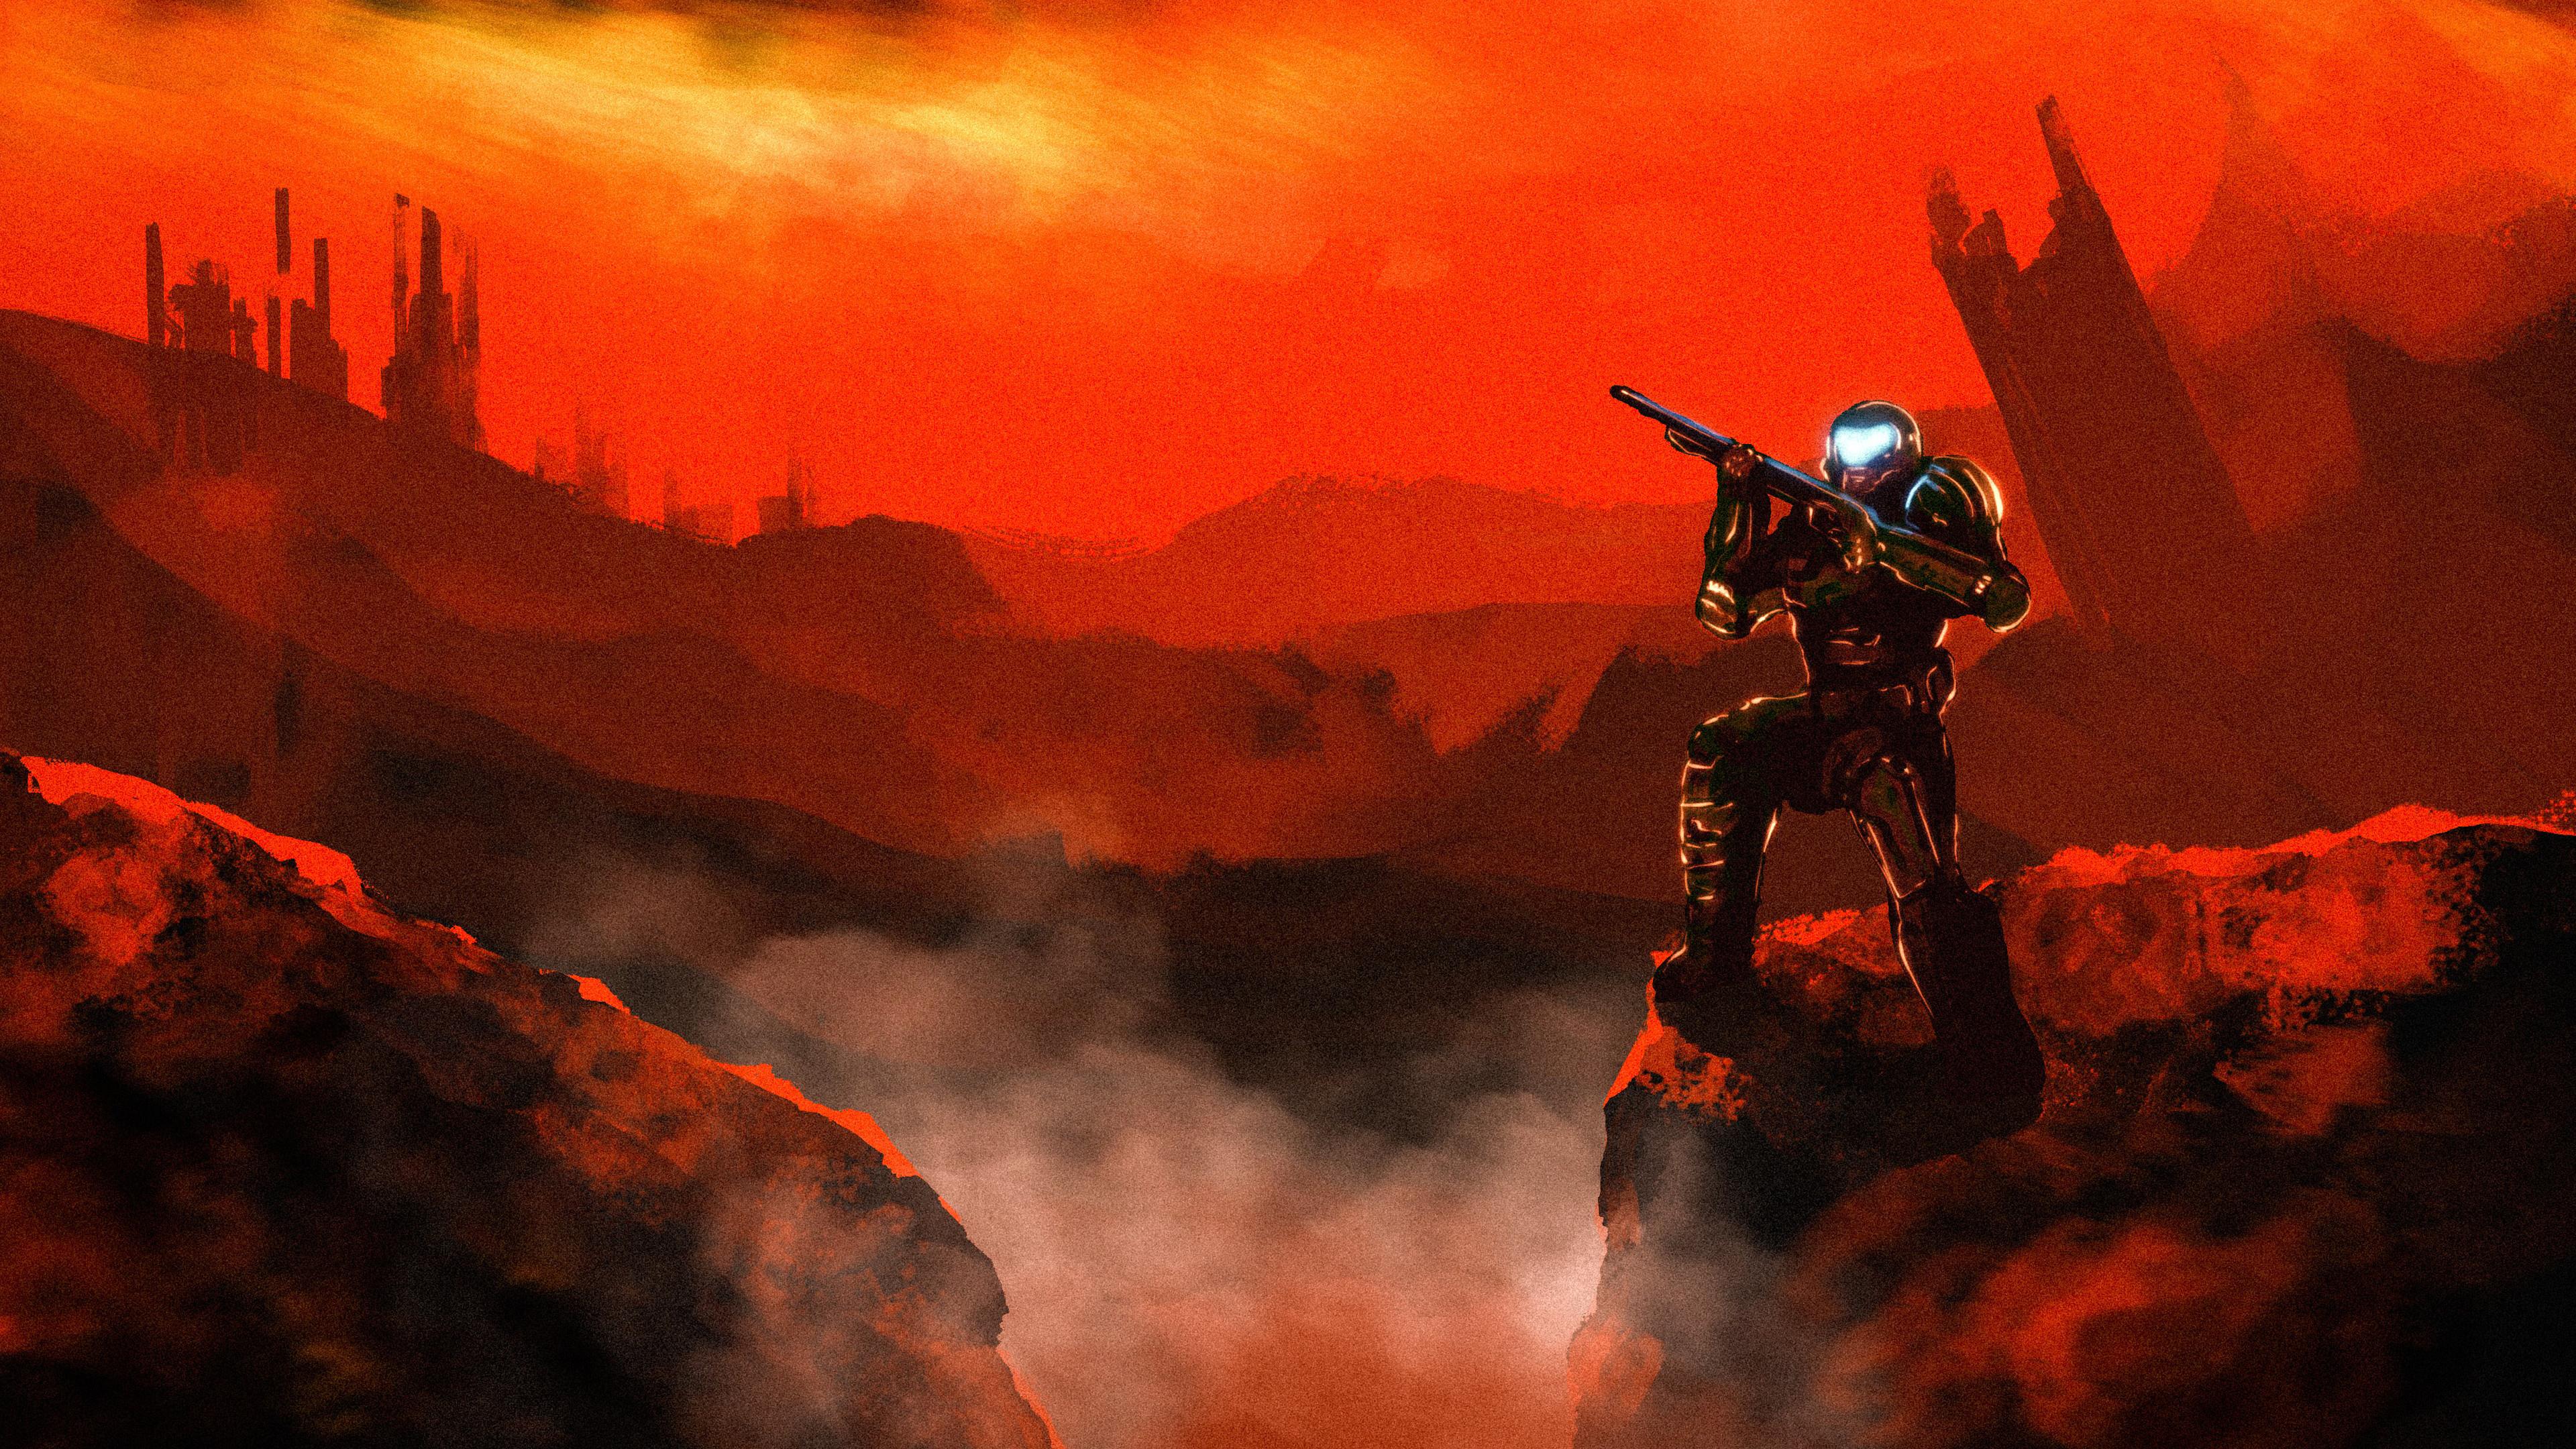 4k Doom Doom Slayer Wallpaper, HD Games 4K Wallpapers ...